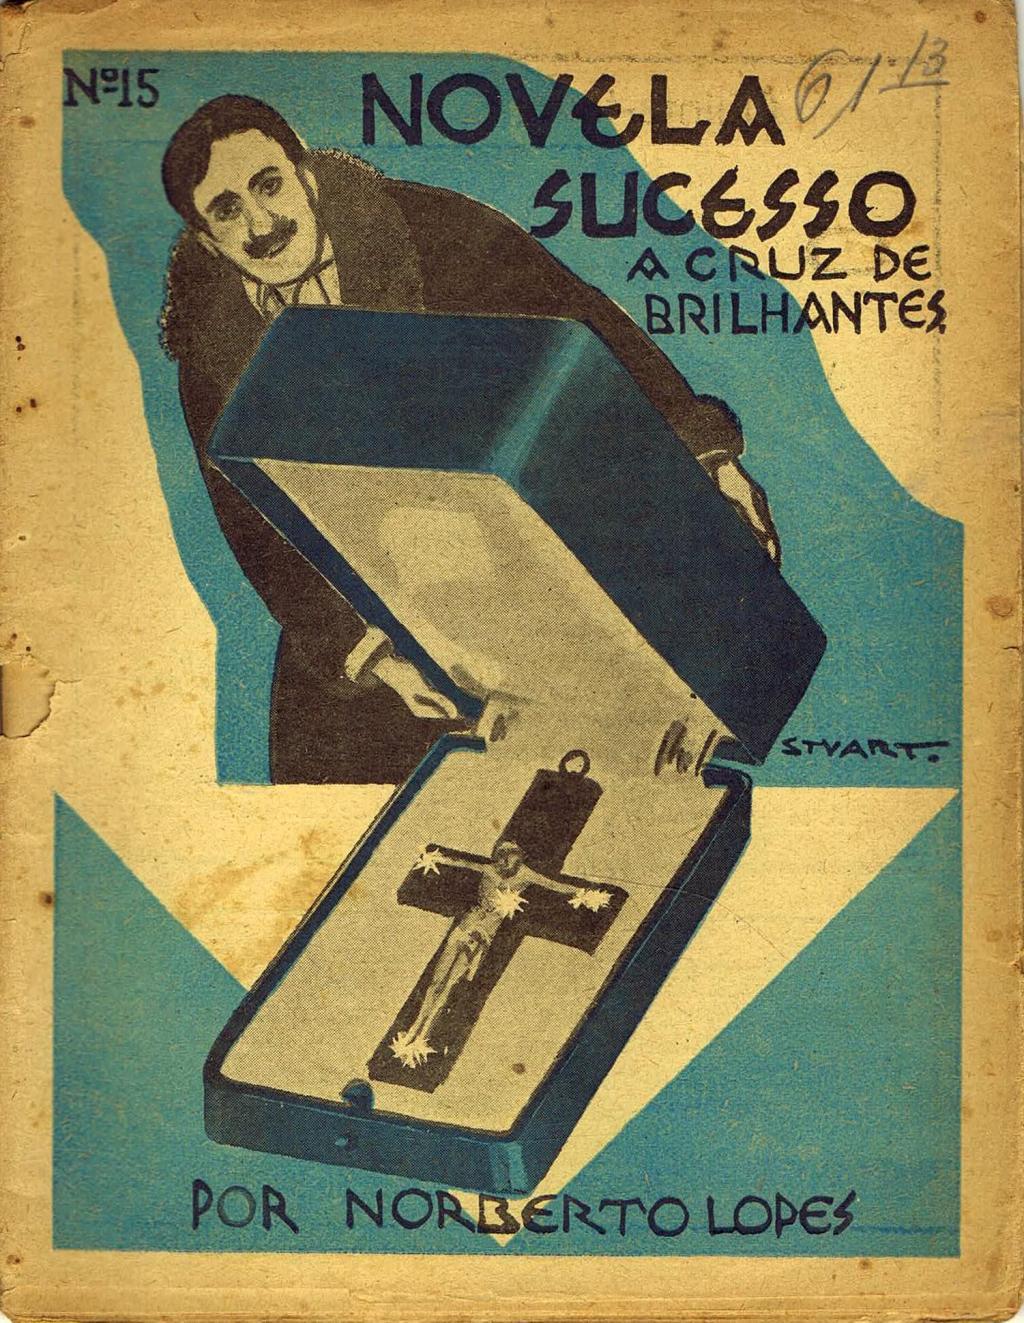 Arquivo Ephemera: capas de livros dos anos 20 a 50 do séc. XX